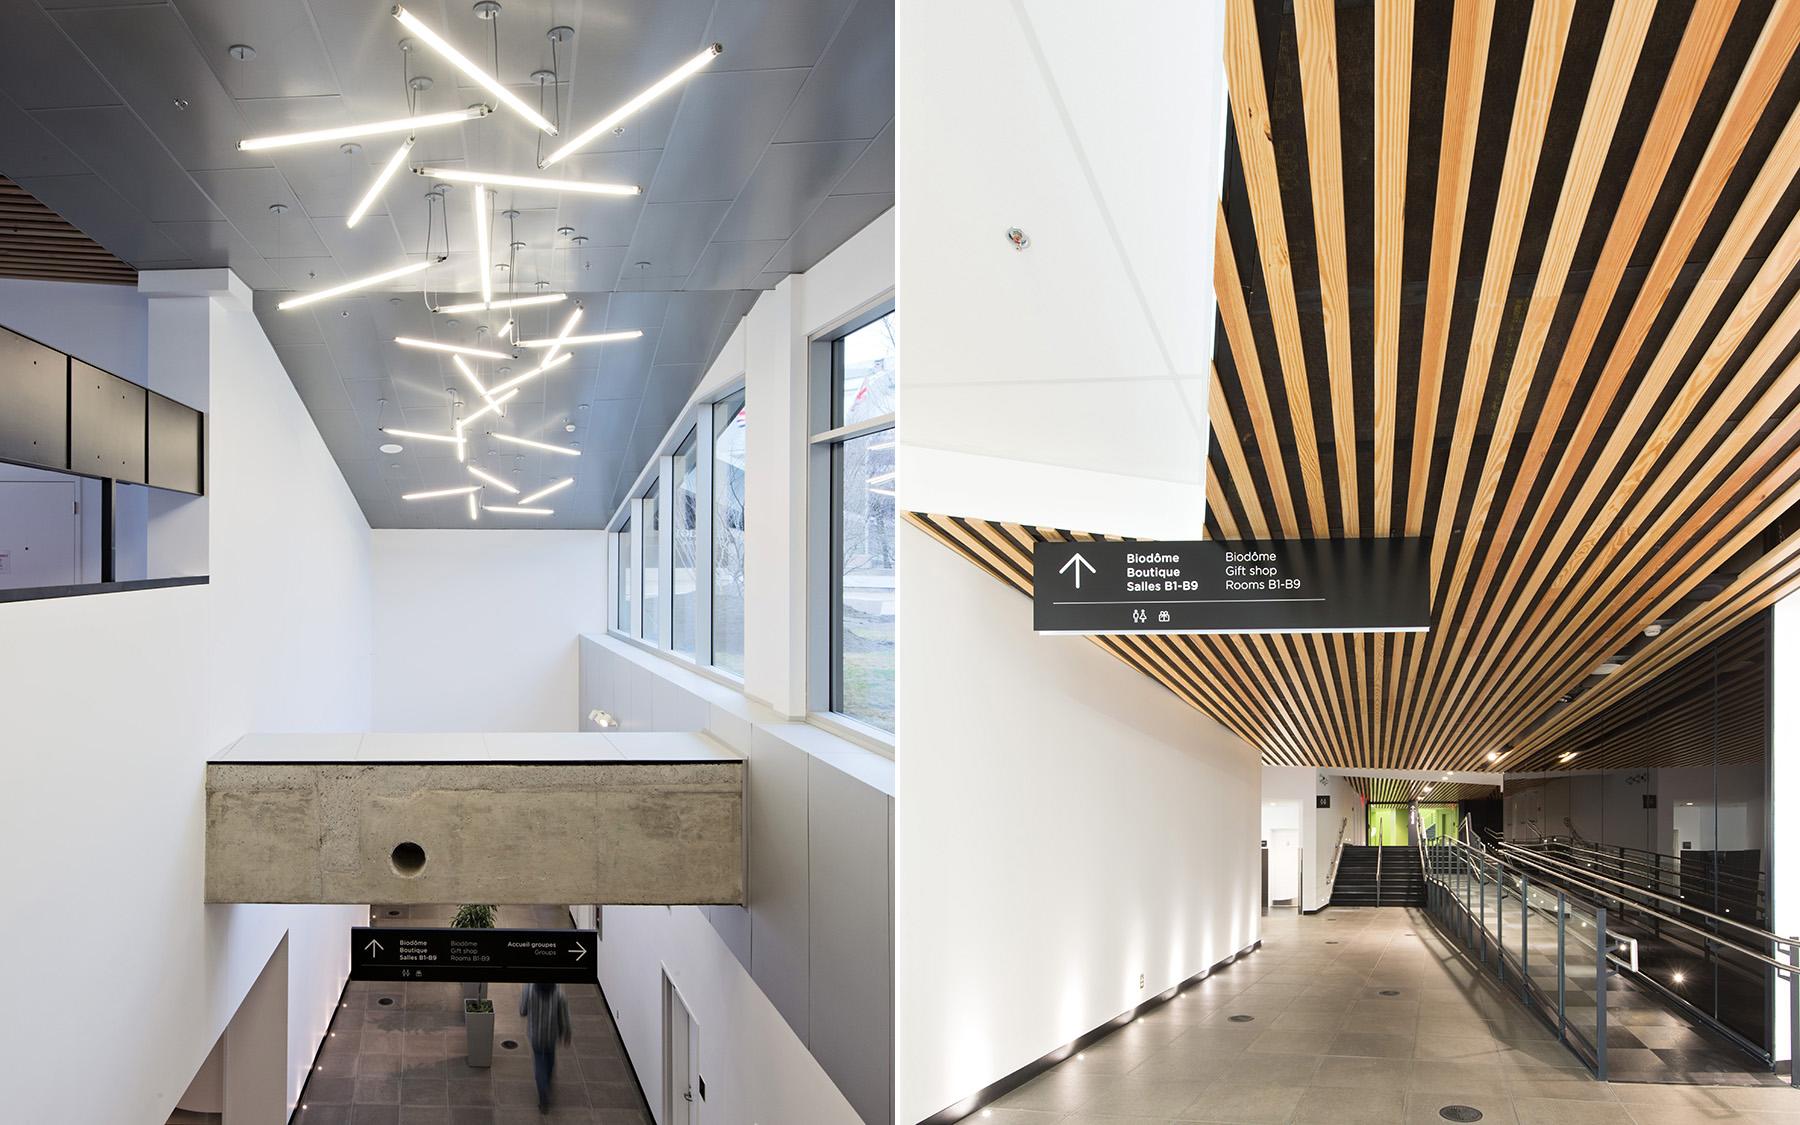 architectural-photography-montreal-planetarium-rio-tinto-alcan-006